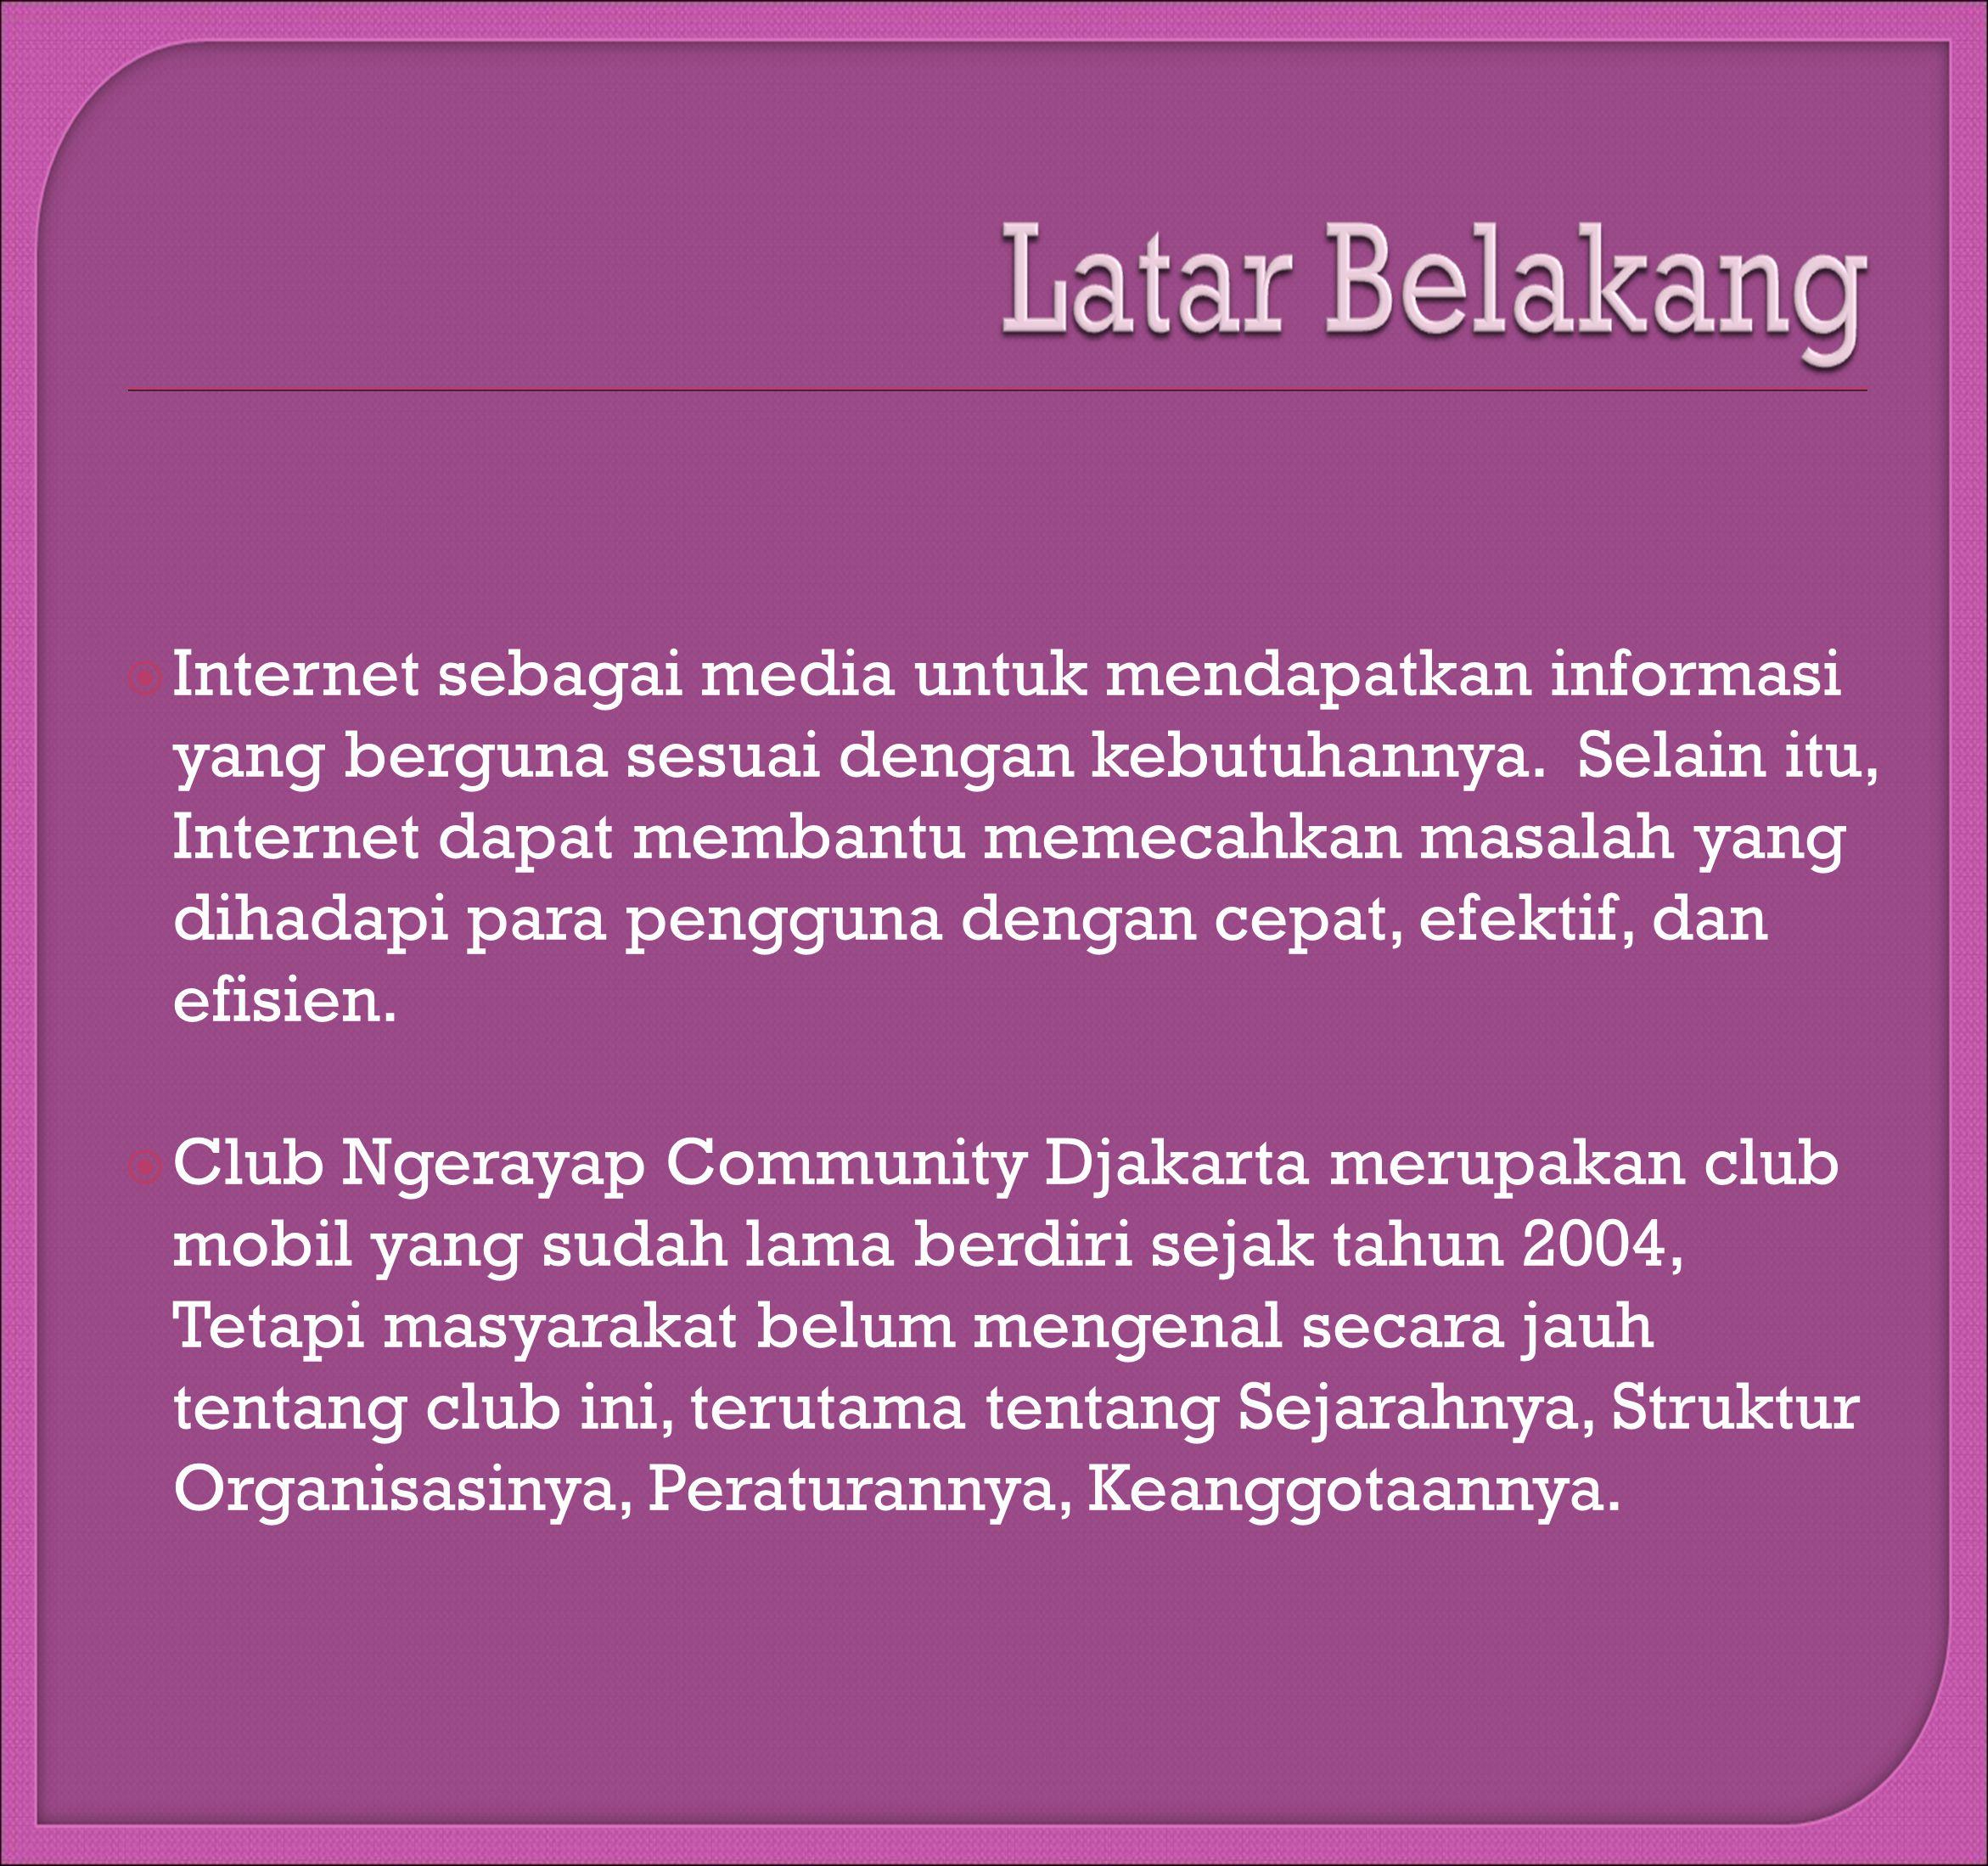  Internet sebagai media untuk mendapatkan informasi yang berguna sesuai dengan kebutuhannya.